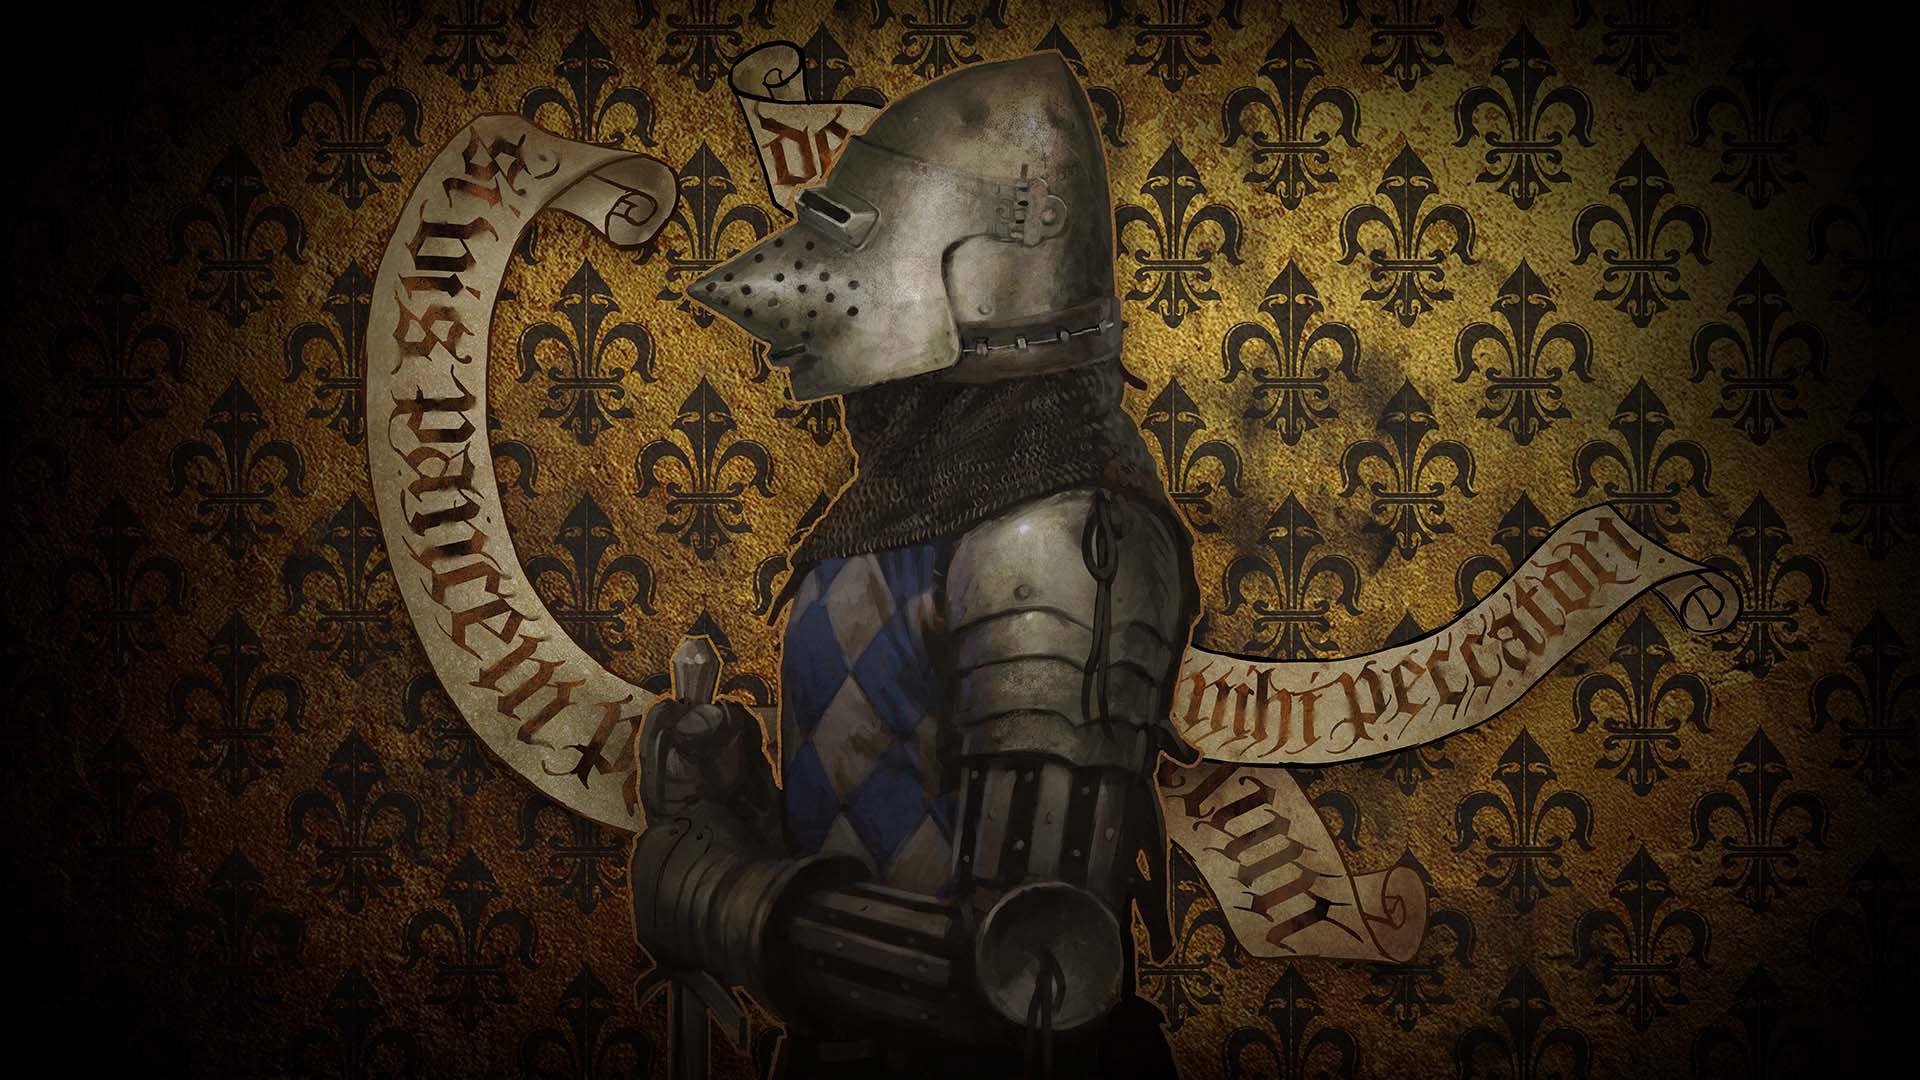 Free Kingdom Come: Deliverance Wallpaper in 1920x1080